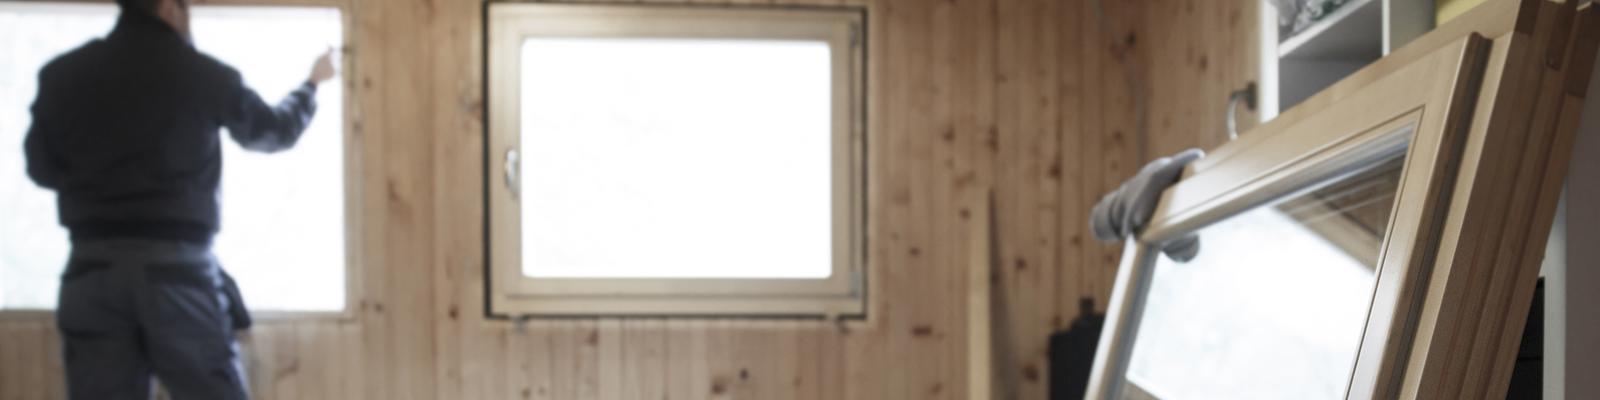 Le remplacement de fenêtre simple vitrage